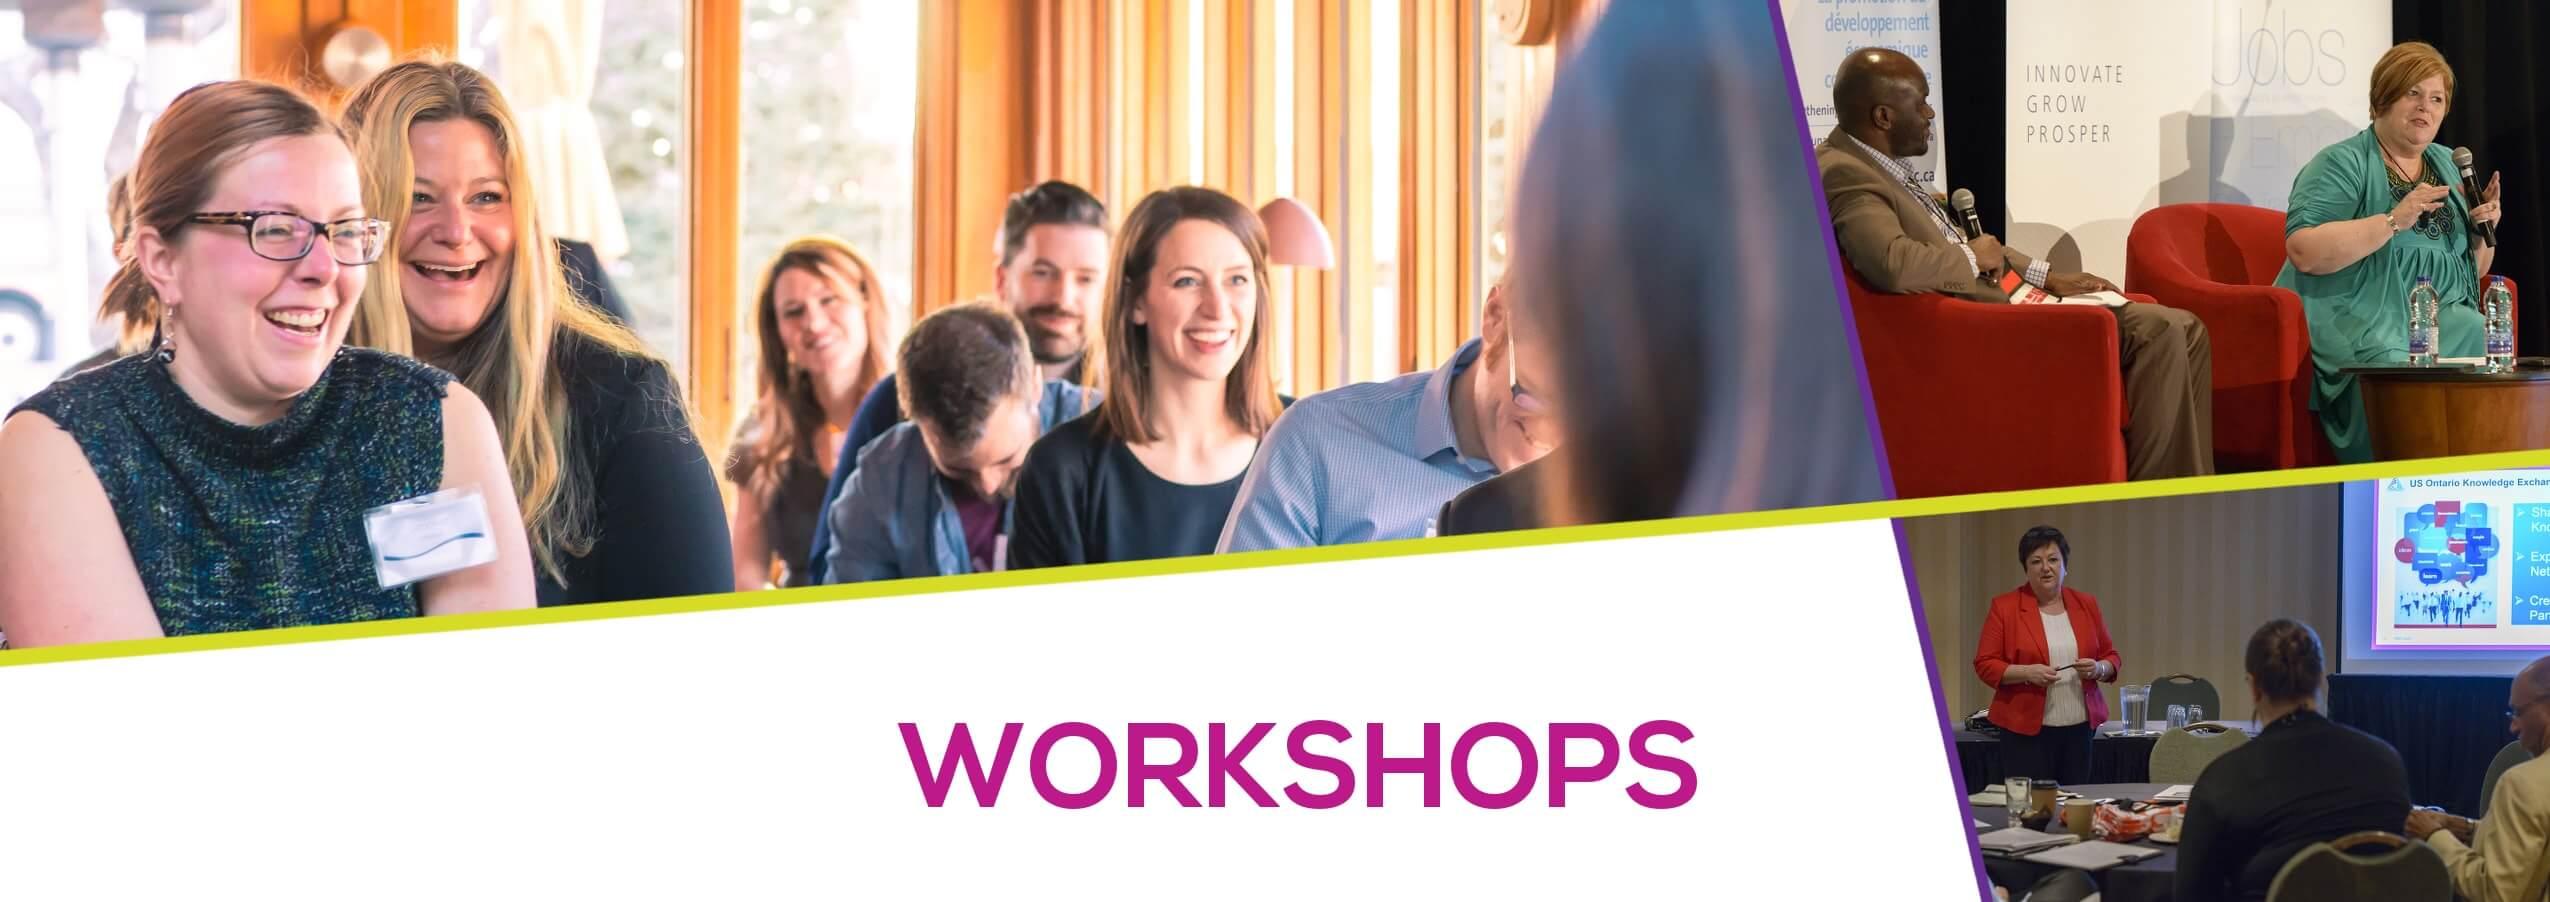 EconoUs2017 Workshops